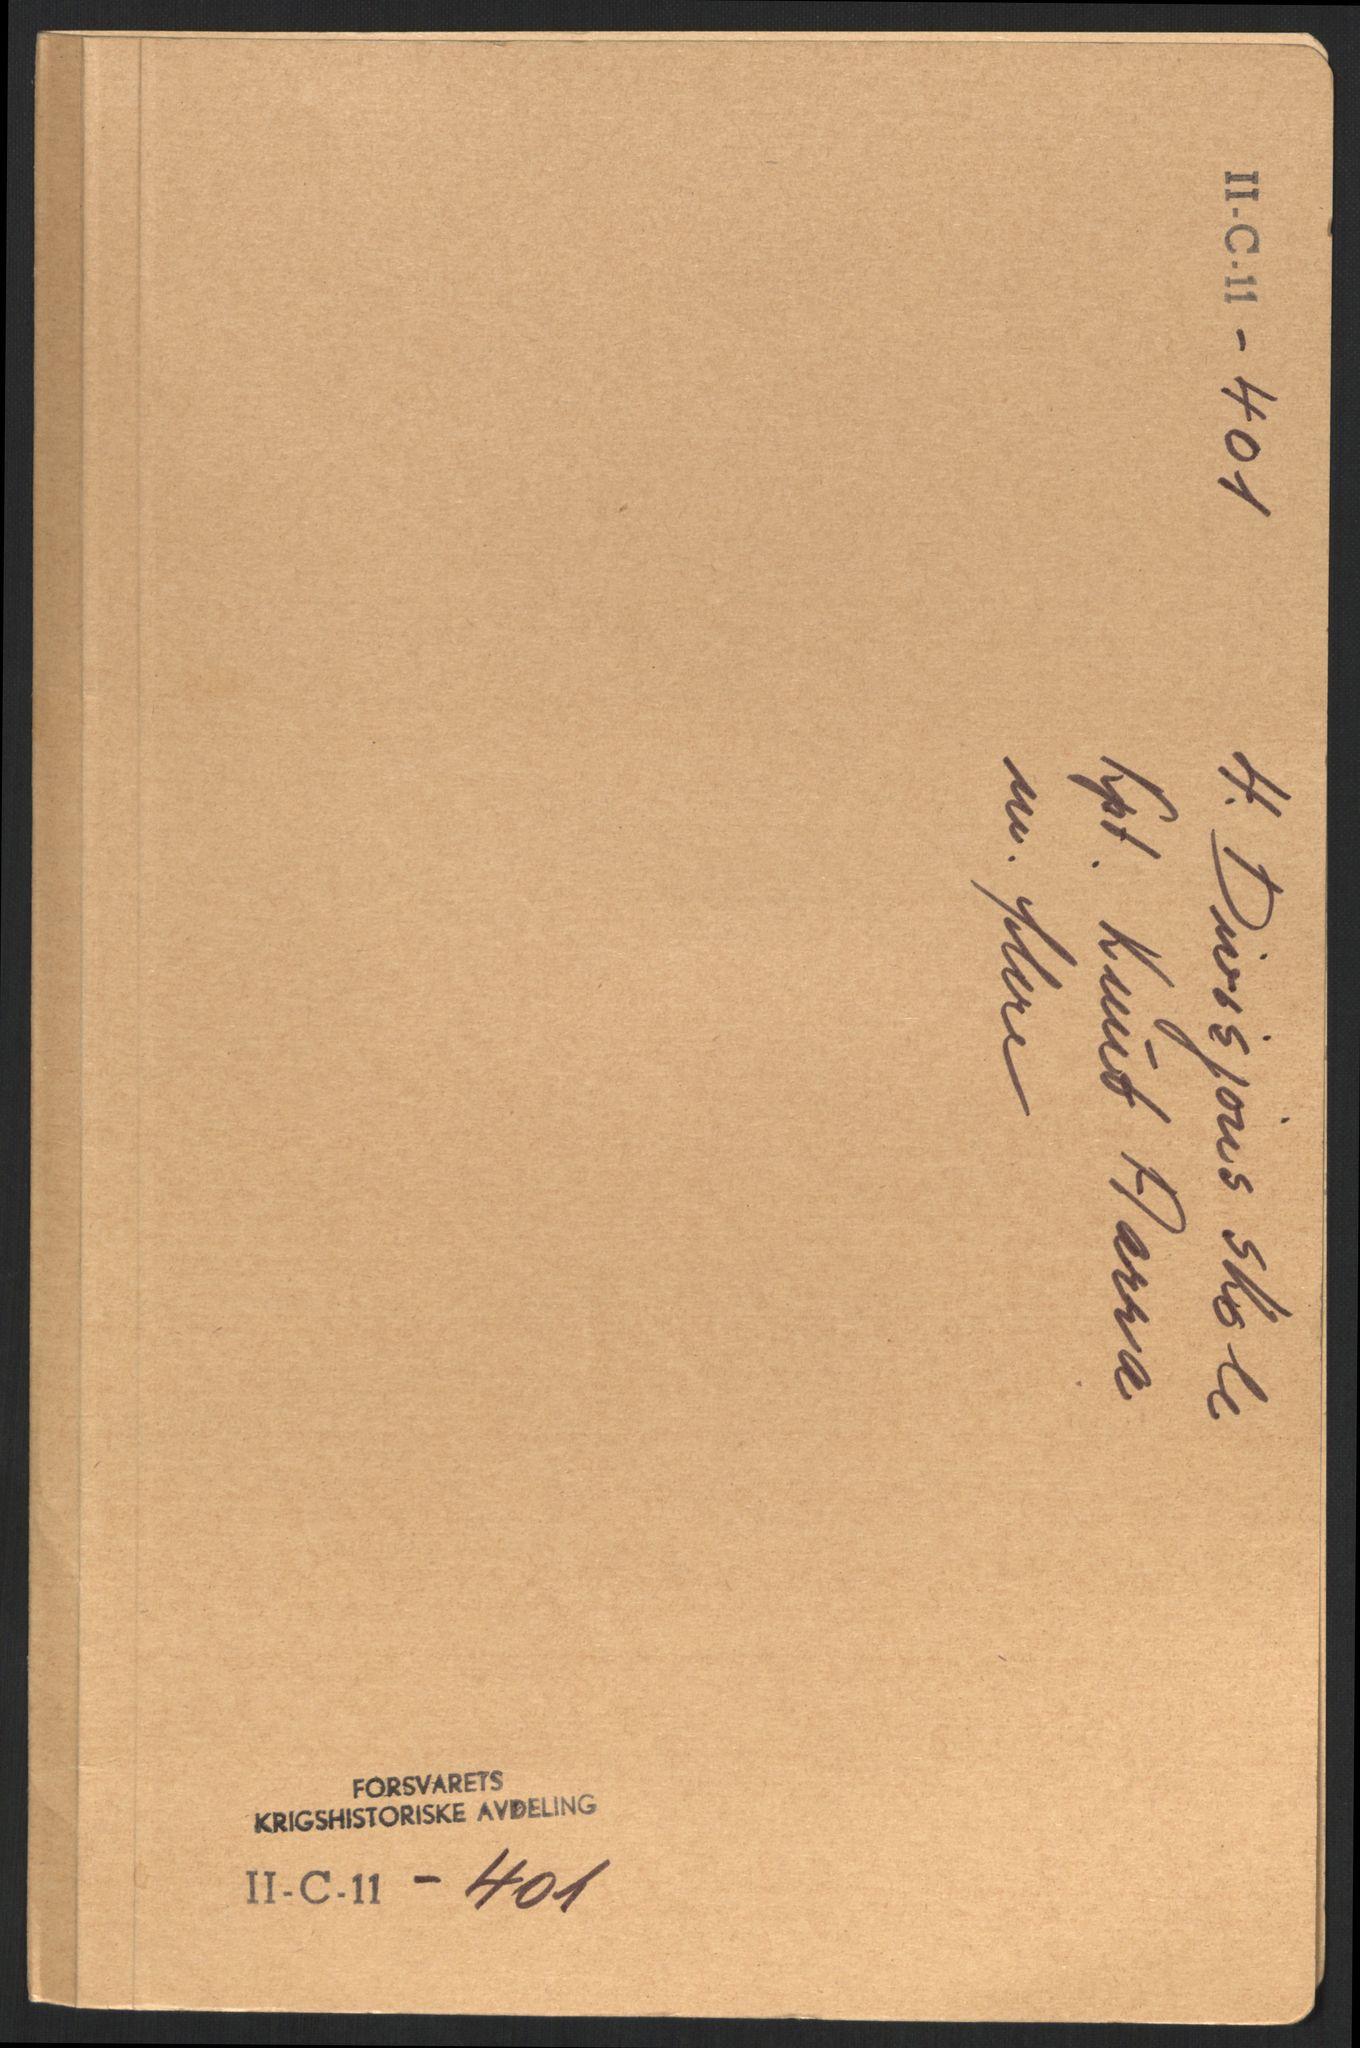 RA, Forsvaret, Forsvarets krigshistoriske avdeling, Y/Yb/L0100: II-C-11-401-402  -  4. Divisjon., 1940-1962, s. 135